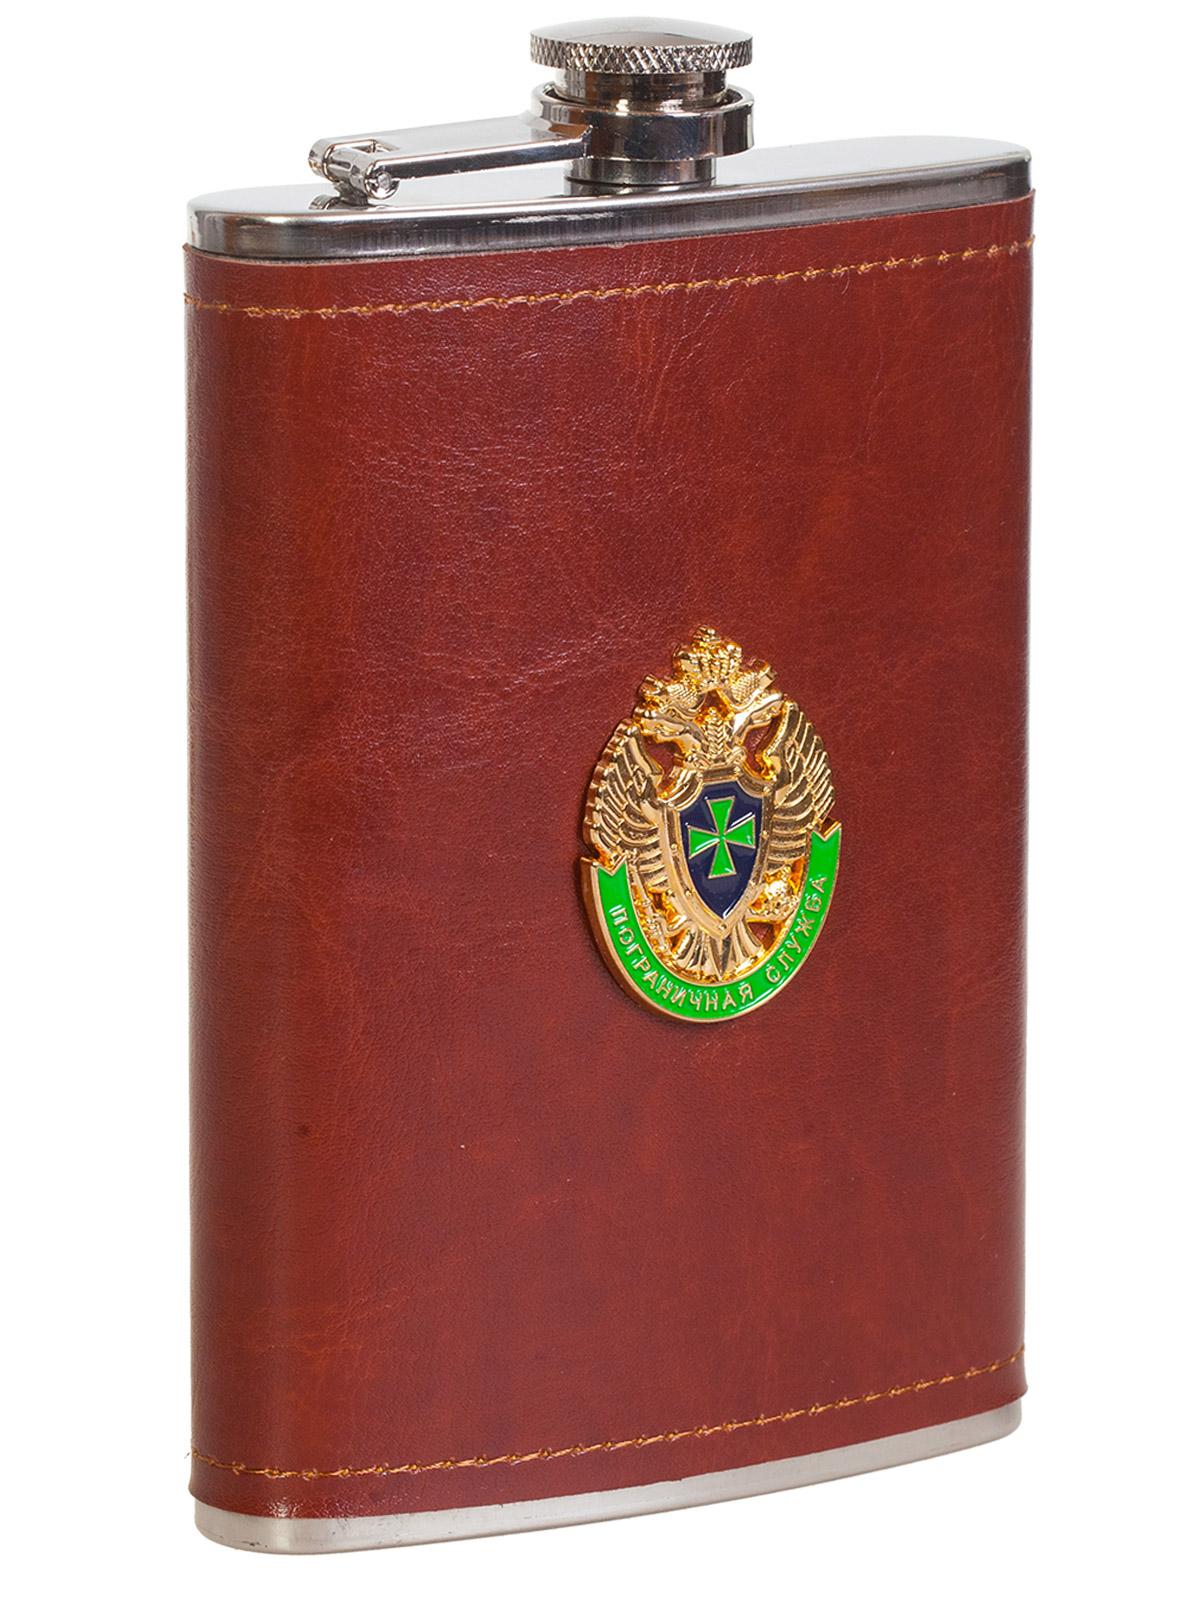 Купить подарочную фляжку в кожаной оплетке с эмблемой Пограничной Службы онлайн выгодно